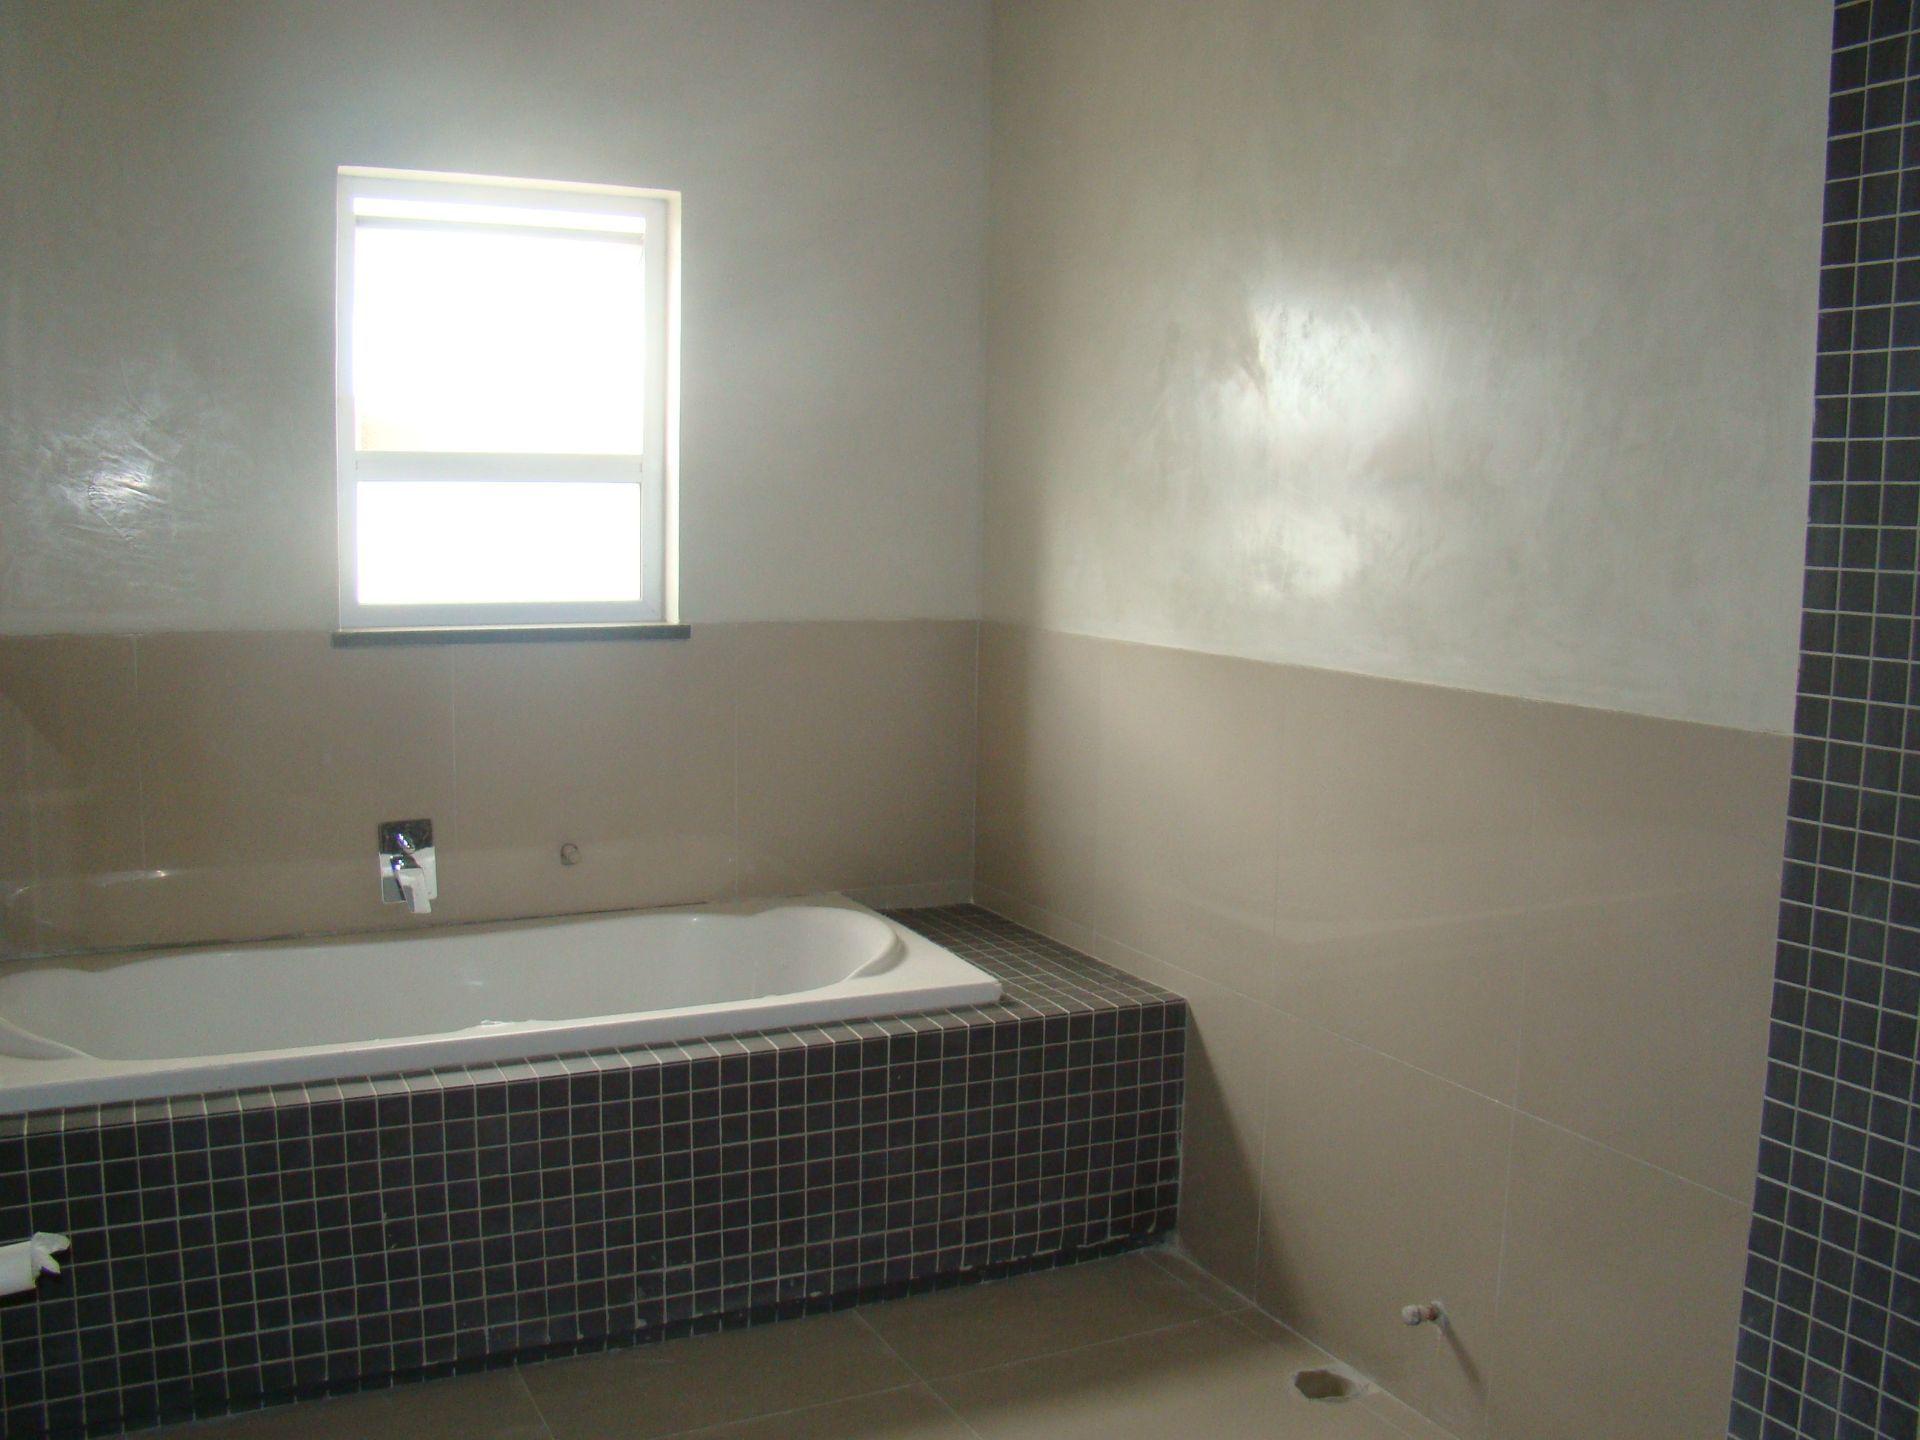 Craigavon bathroom downstairs.JPG